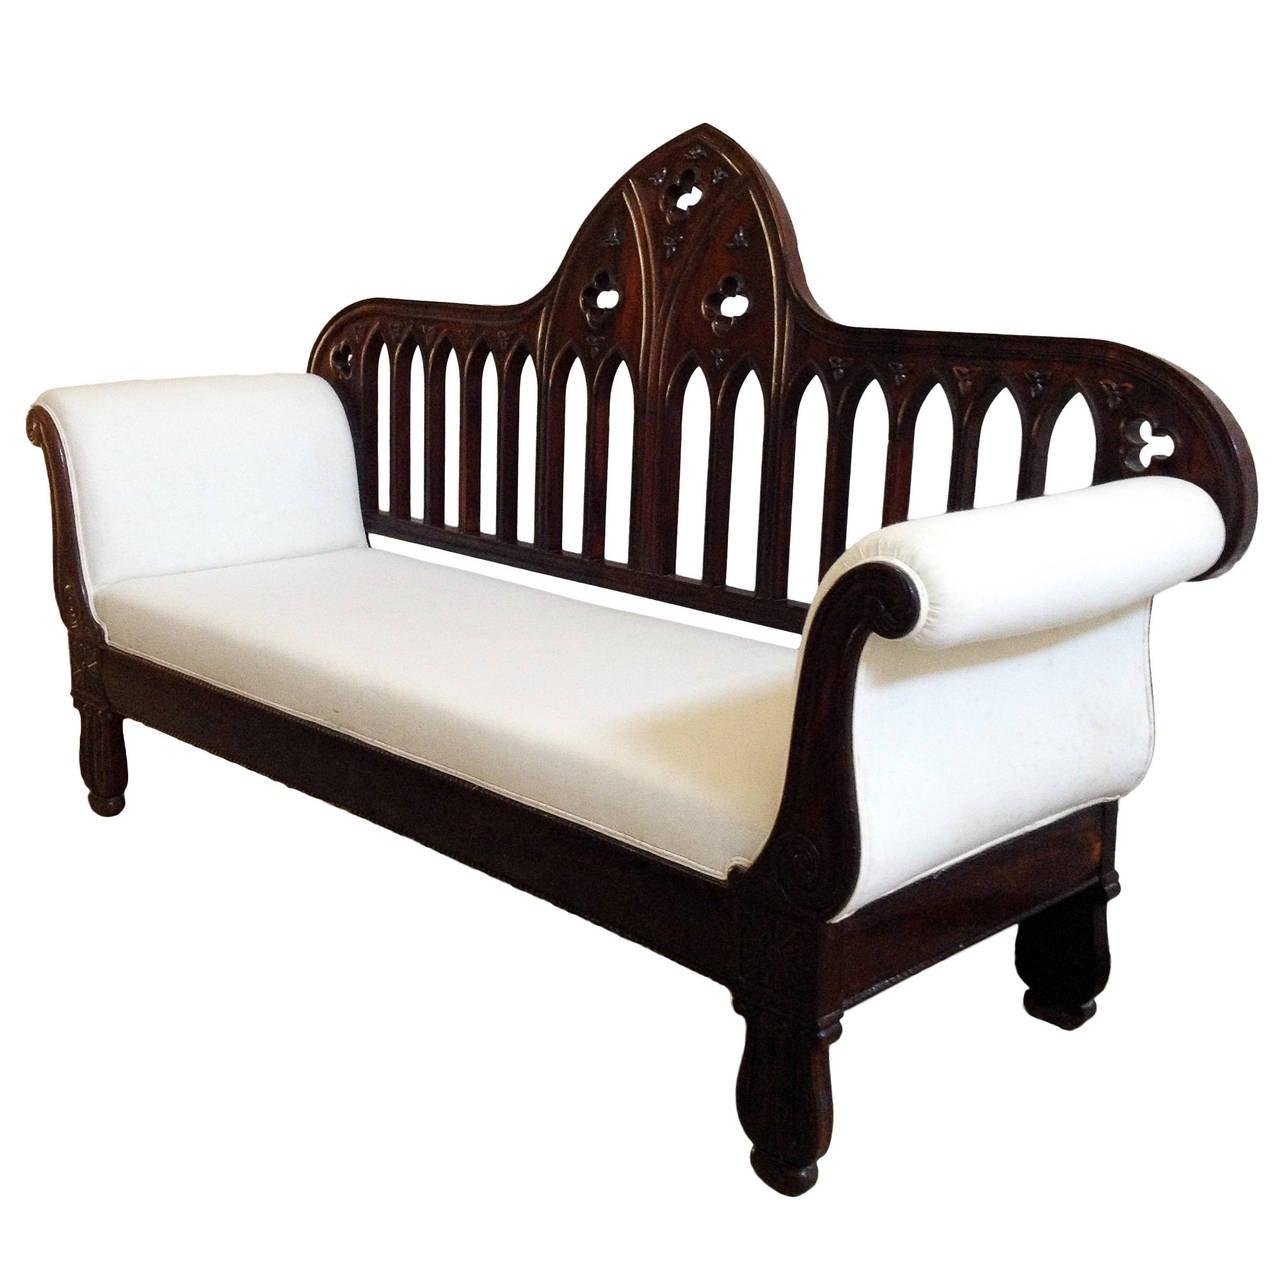 moss green velvet chesterfield sofa repair noida uttar pradesh william the fourth neogothic for sale at 1stdibs